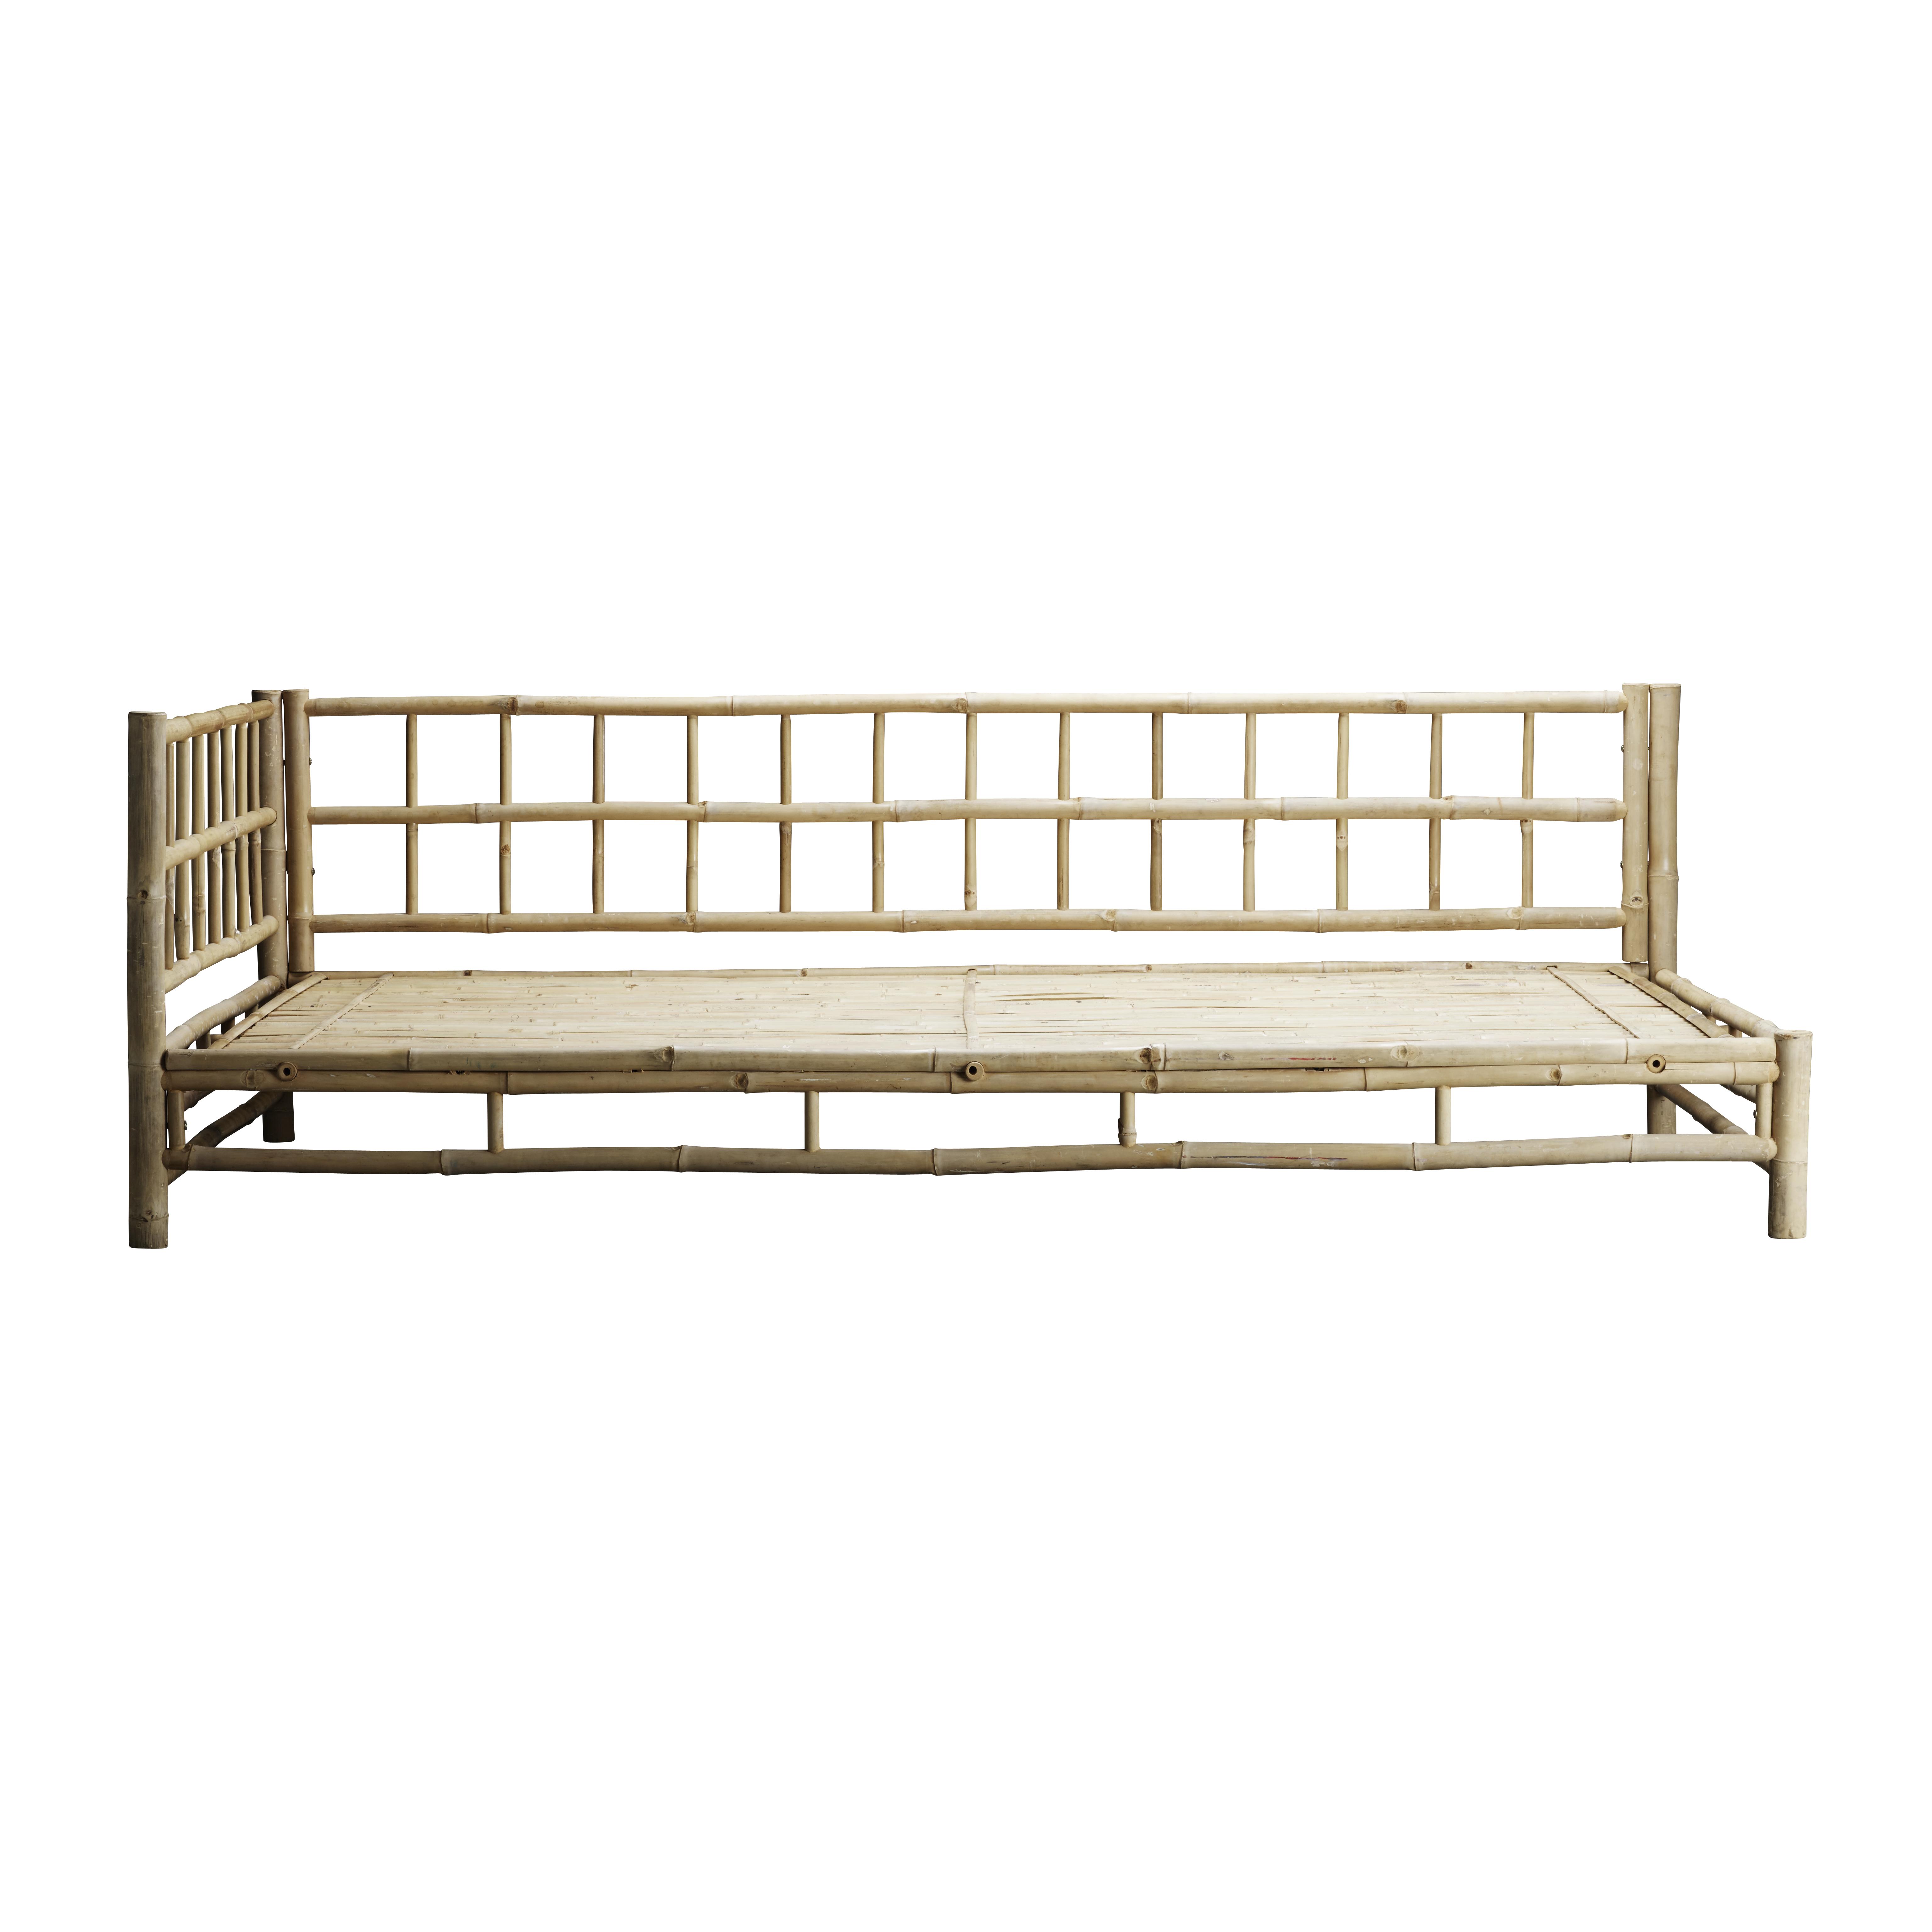 bambus lounge seng venstrevendt produkter tine k home. Black Bedroom Furniture Sets. Home Design Ideas